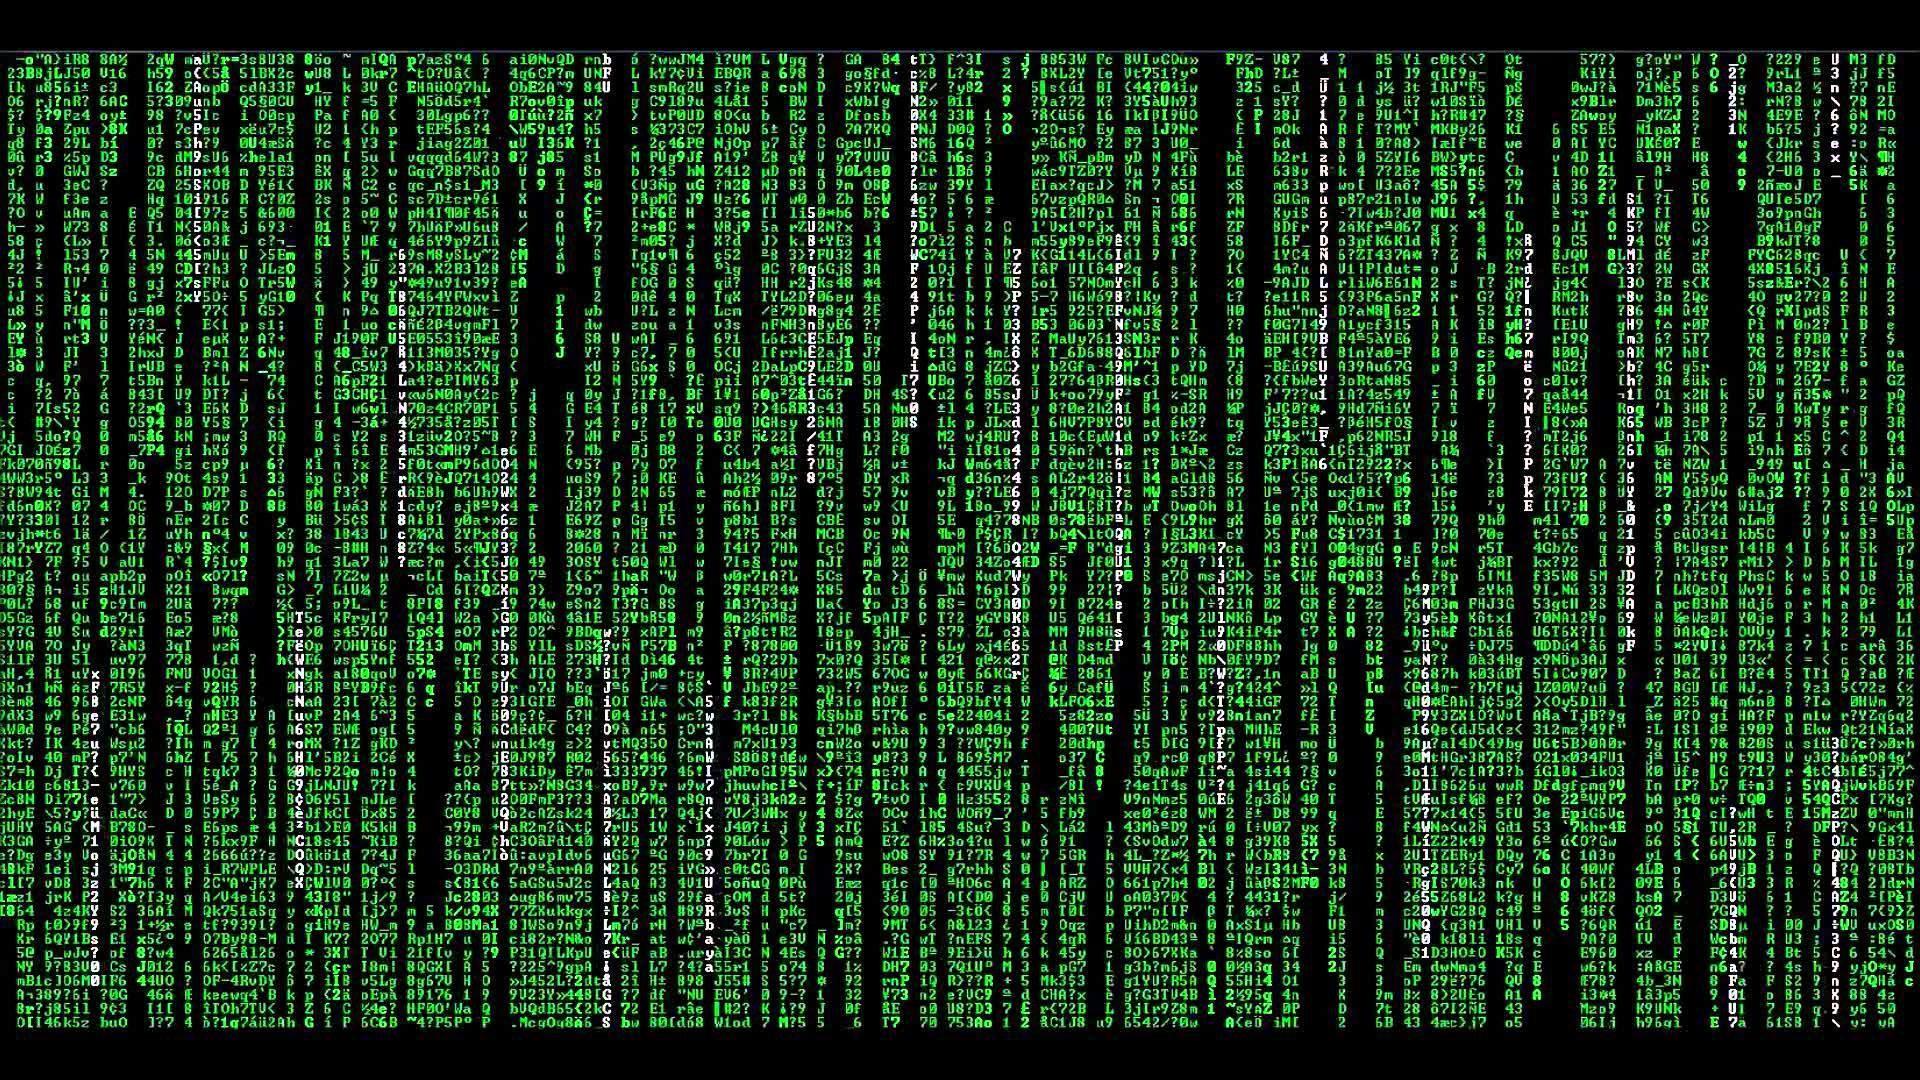 Matrix live wallpaper Google Play Store revenue download 1920×1080 The  Matrix Live Wallpapers (